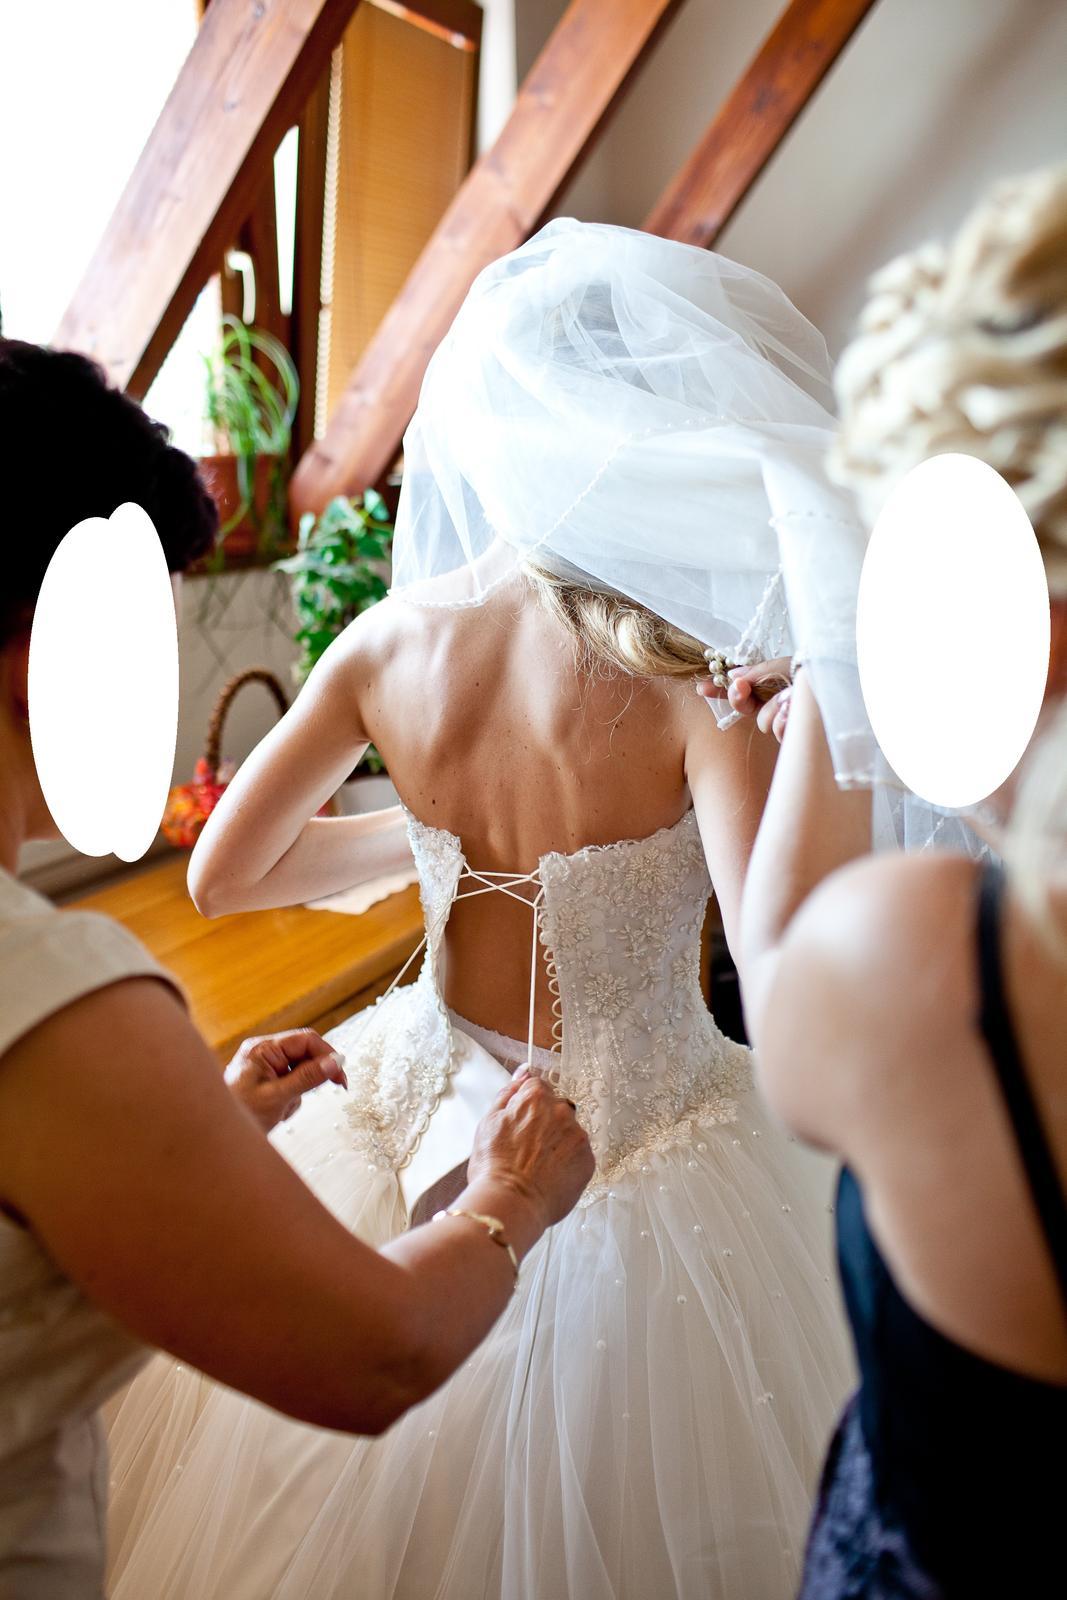 Nadherne svadobne saty (cely set) - Obrázok č. 2